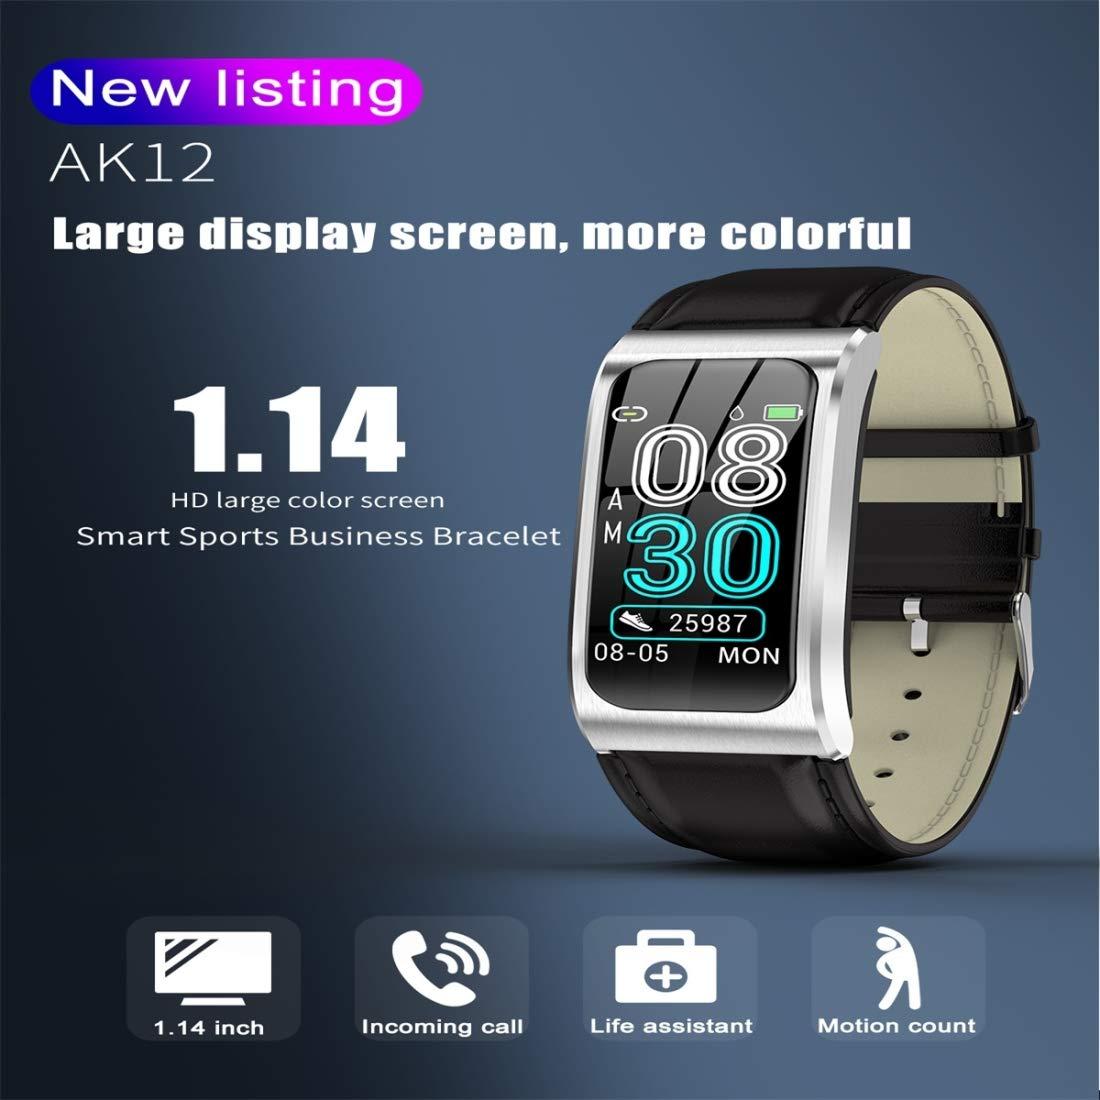 promemoria chiamate di supporto//monitoraggio della frequenza cardiaca//monitoraggio della pressione cinturino in pelle AK12 Smartwatch IP68 con schermo a colori da 1,14 pollici IP68 impermeabile